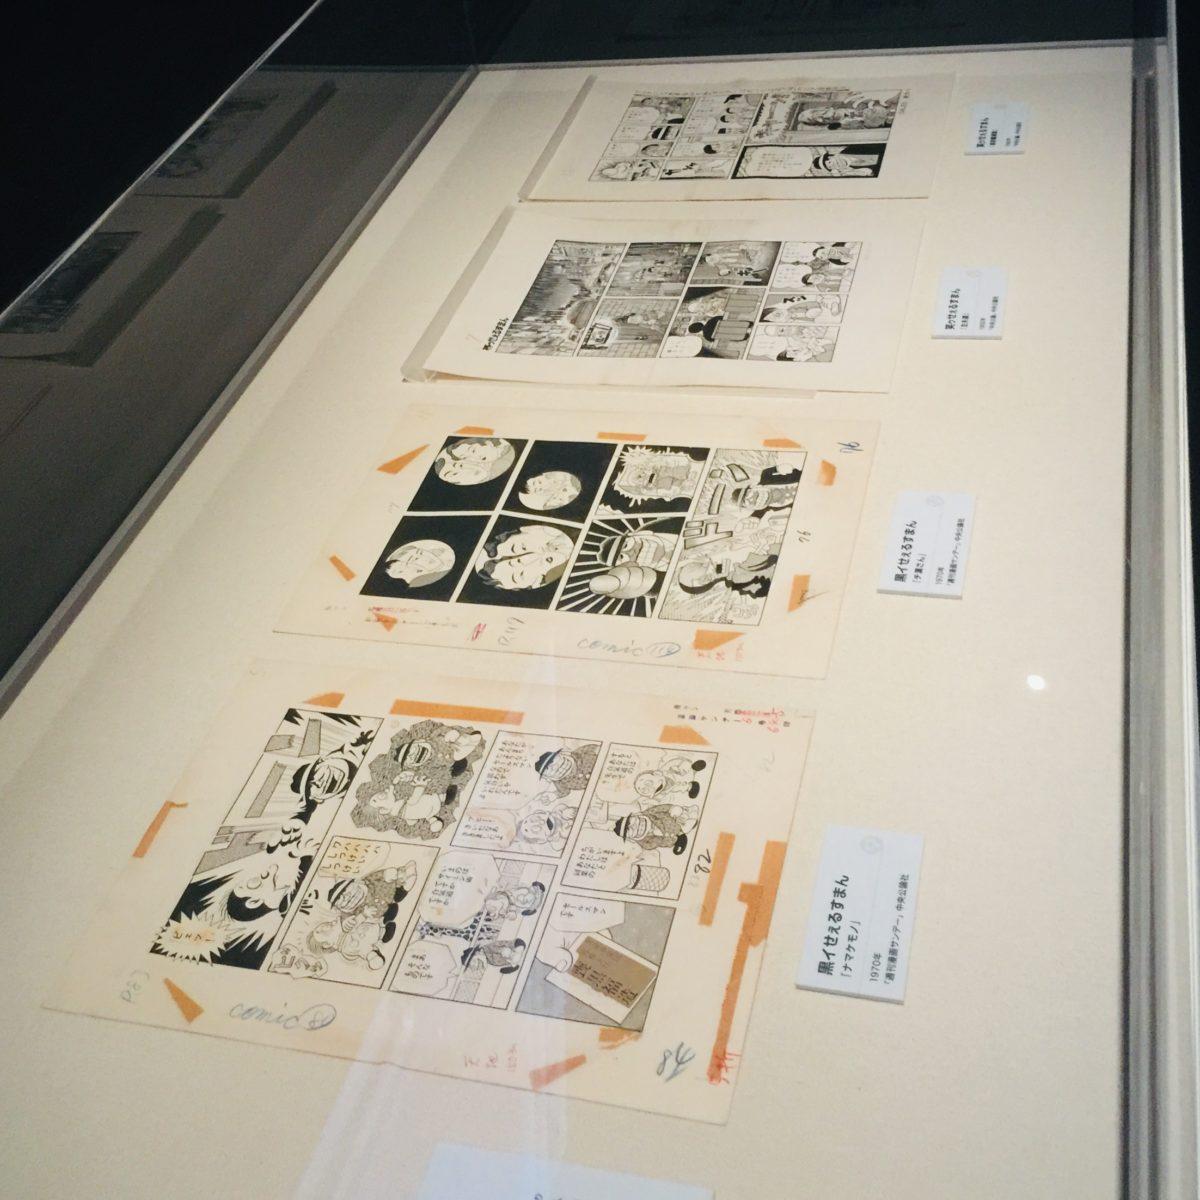 「藤子不二雄Ⓐ展」での黒イせえるすまんの原画